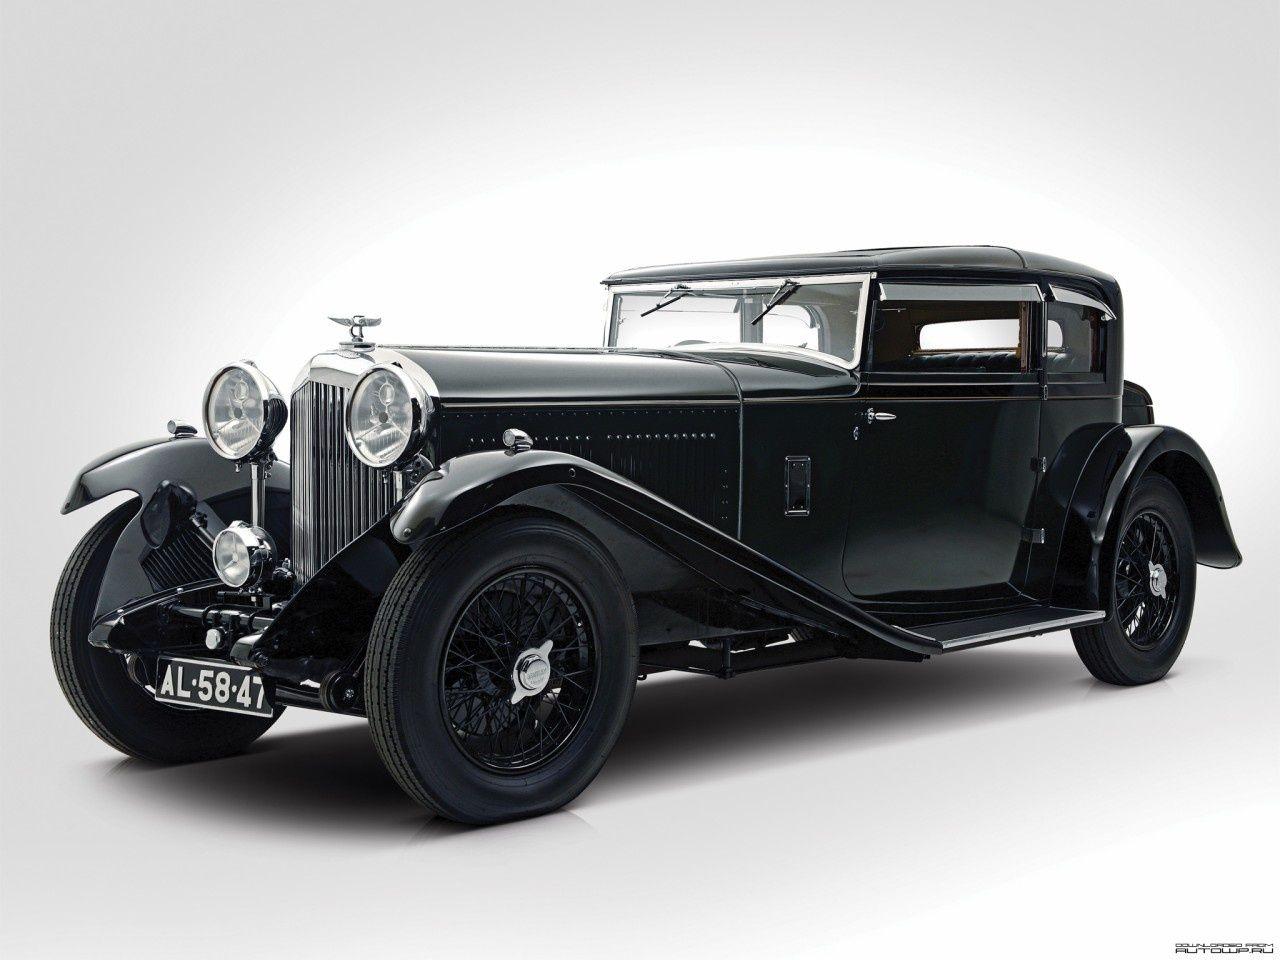 1932 Bentley 8 Litre Maintenance Restoration Of Old Vintage